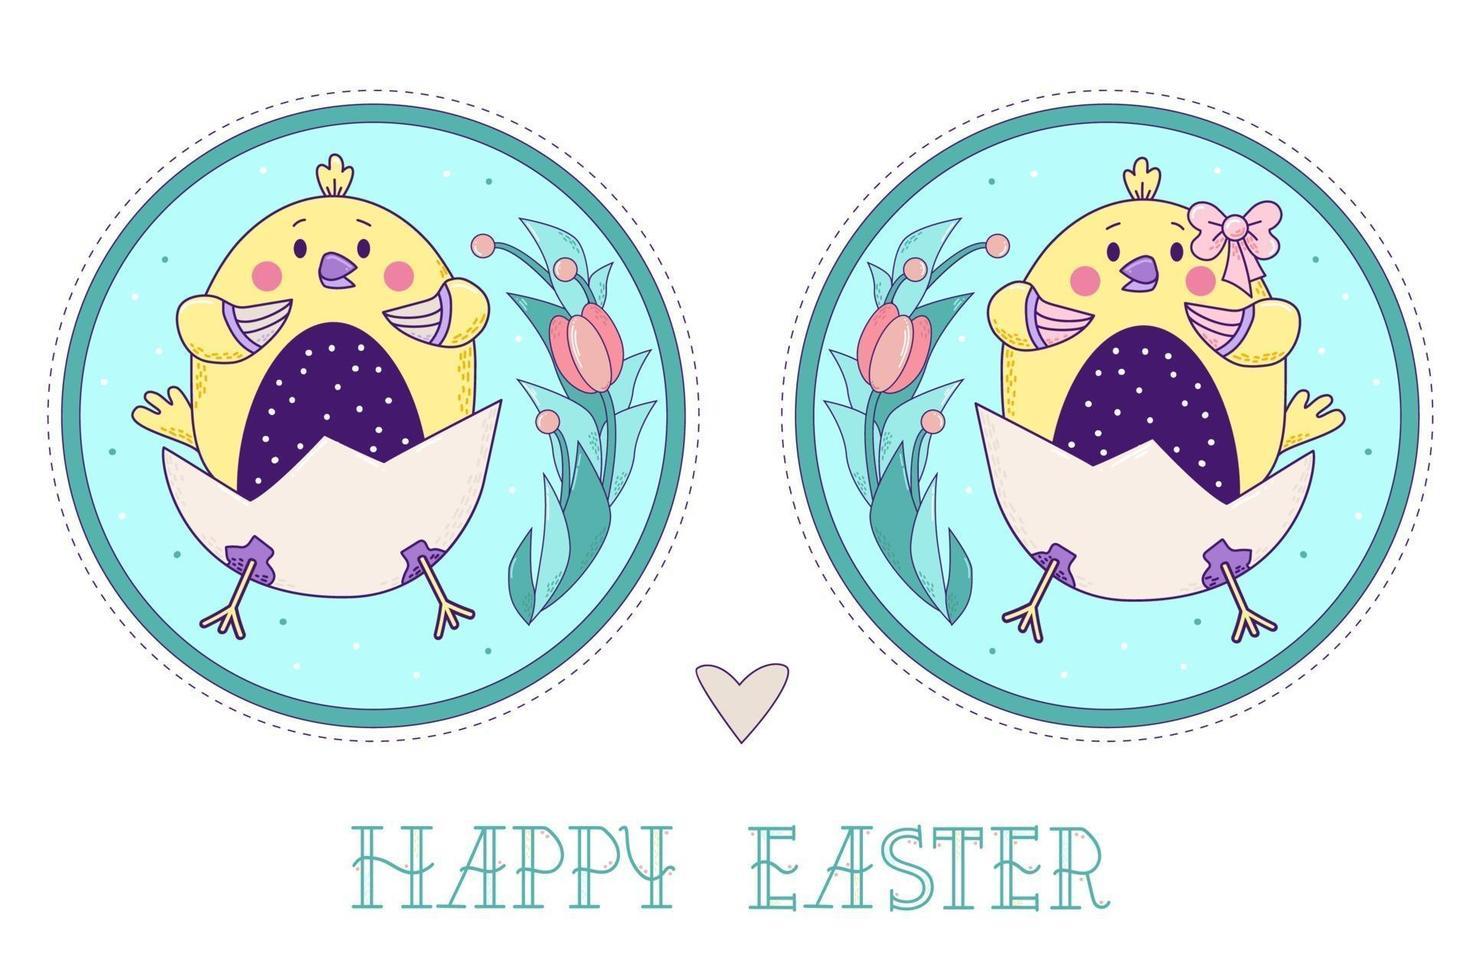 um par de pássaros amarelos bonitos. Páscoa pintinhos menina e menino em um ovo com um buquê de flores em um medalhão decorativo redondo. ilustração vetorial. colorido cartão decorativo feliz páscoa vetor